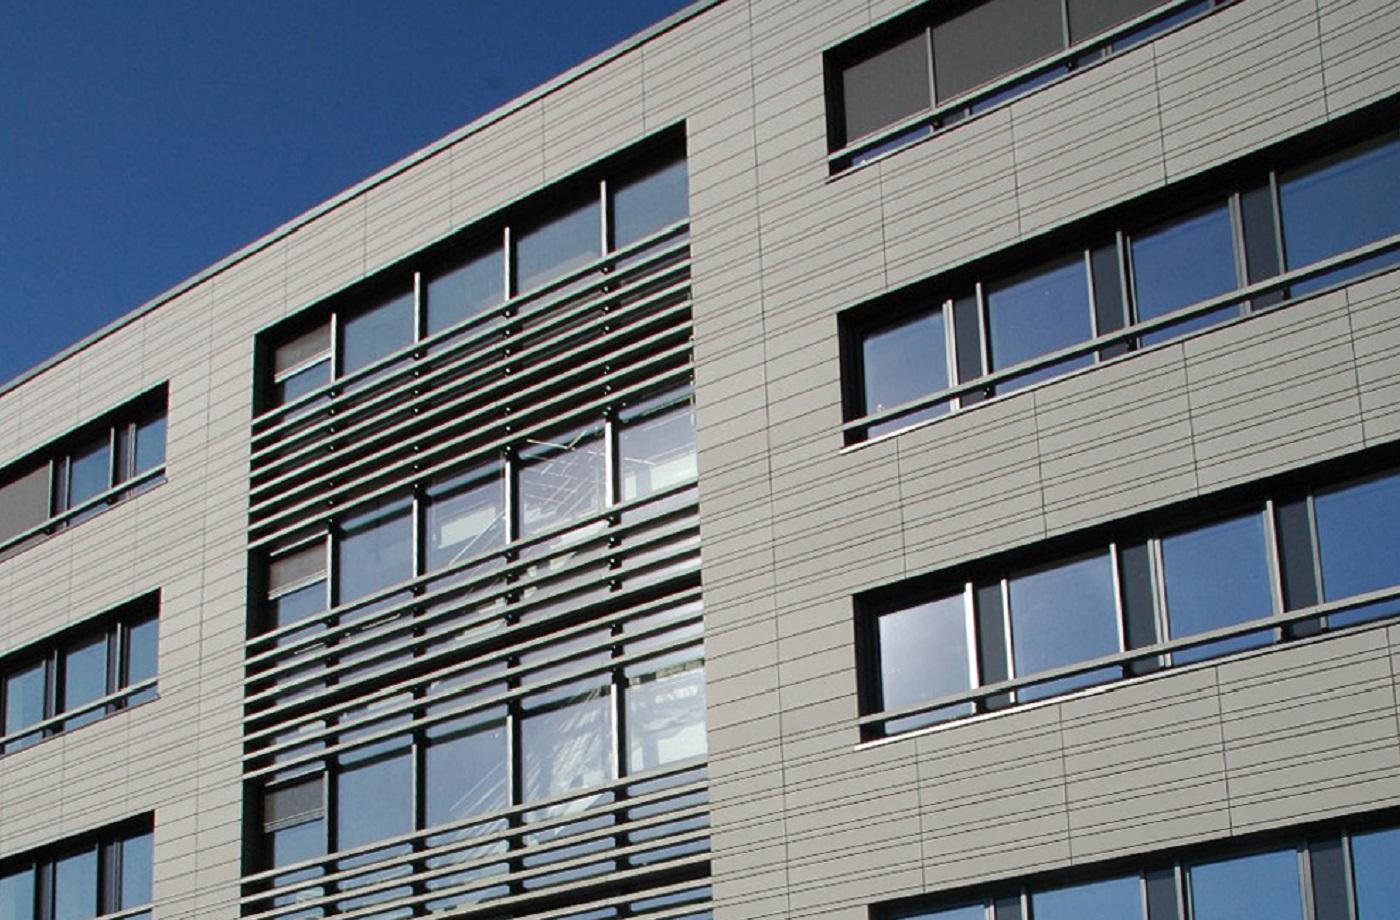 Full Size of Sichtschutz Aldi Garten Wpc Sichtschutzfolie Für Fenster Einseitig Durchsichtig Im Holz Sichtschutzfolien Relaxsessel Wohnzimmer Sichtschutz Aldi